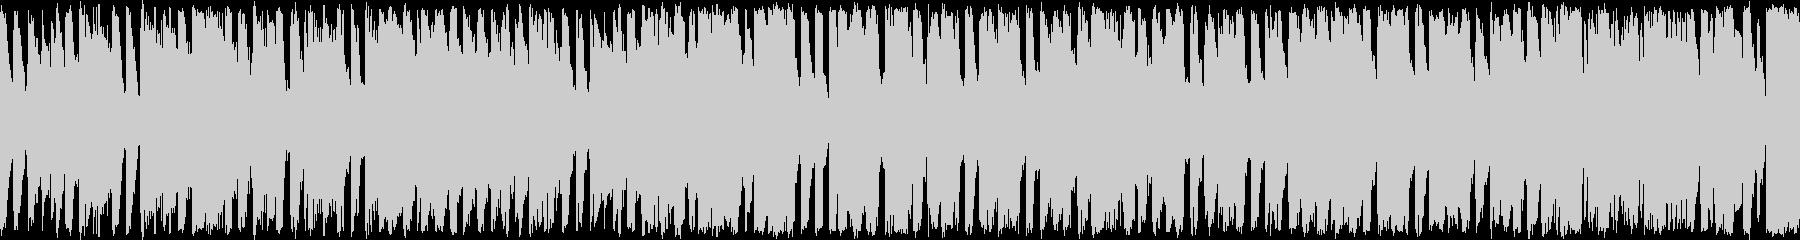 ほのぼのした雰囲気のポップス ループ曲の未再生の波形